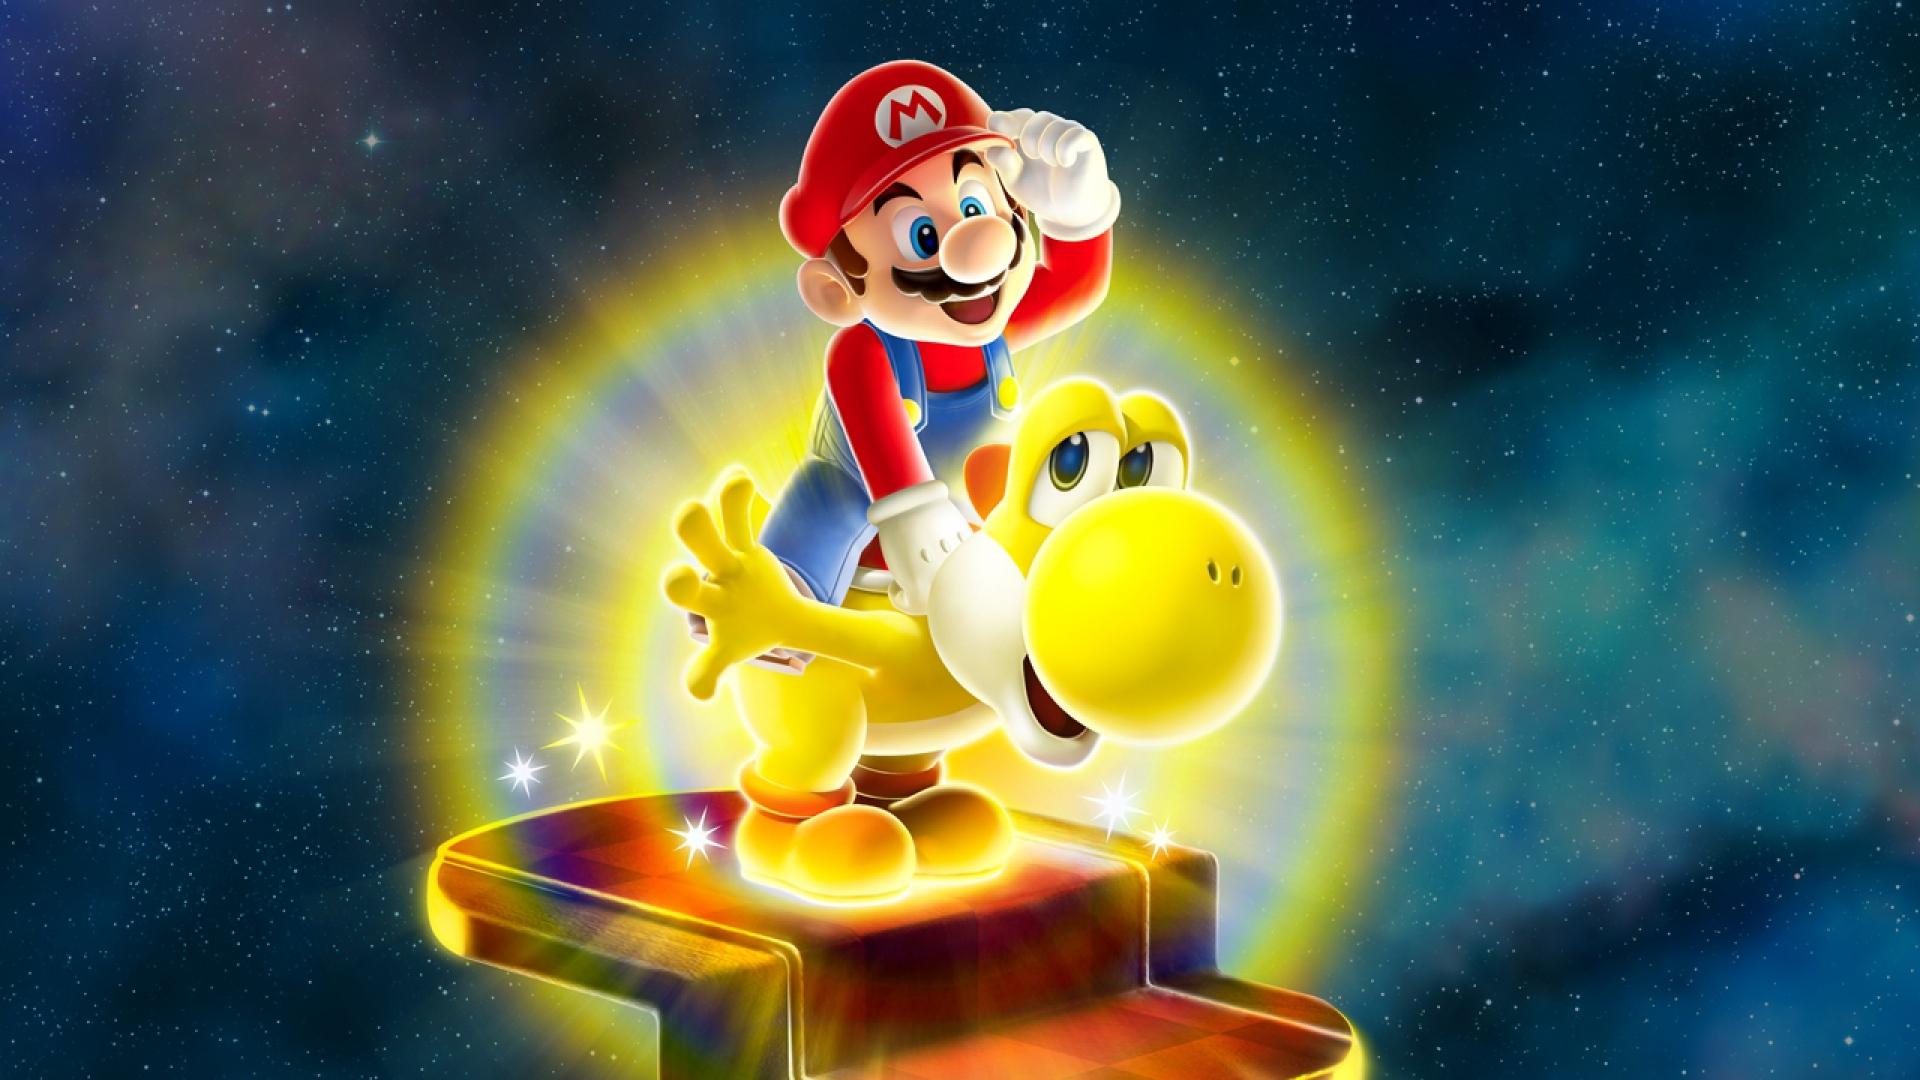 Assassins Creed Wallpaper Hd 1080p Download Wallpaper 1920x1080 Super Mario Galaxy Mario